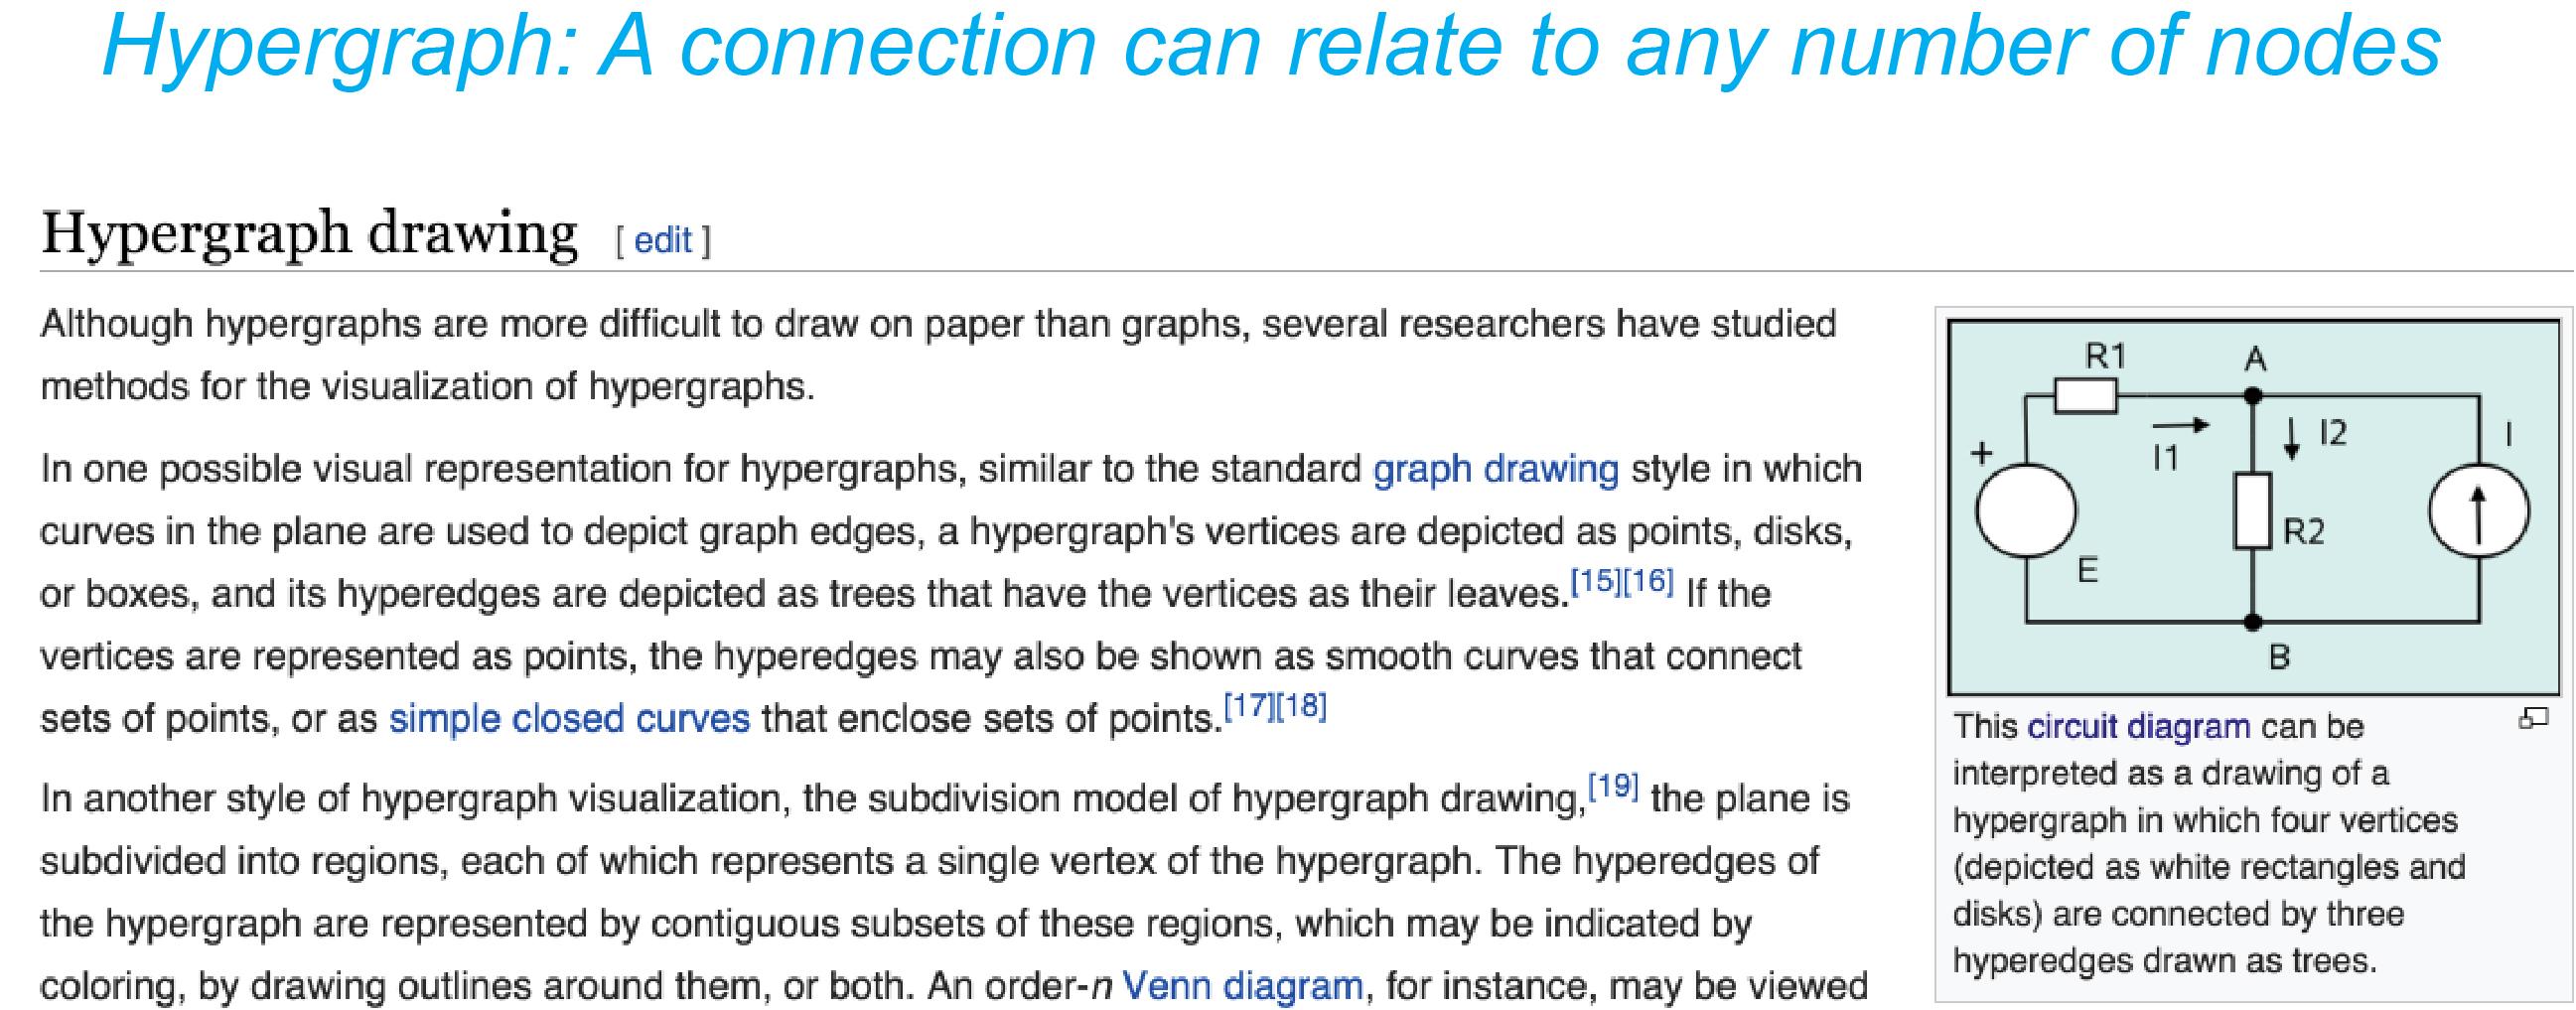 Hypergraph